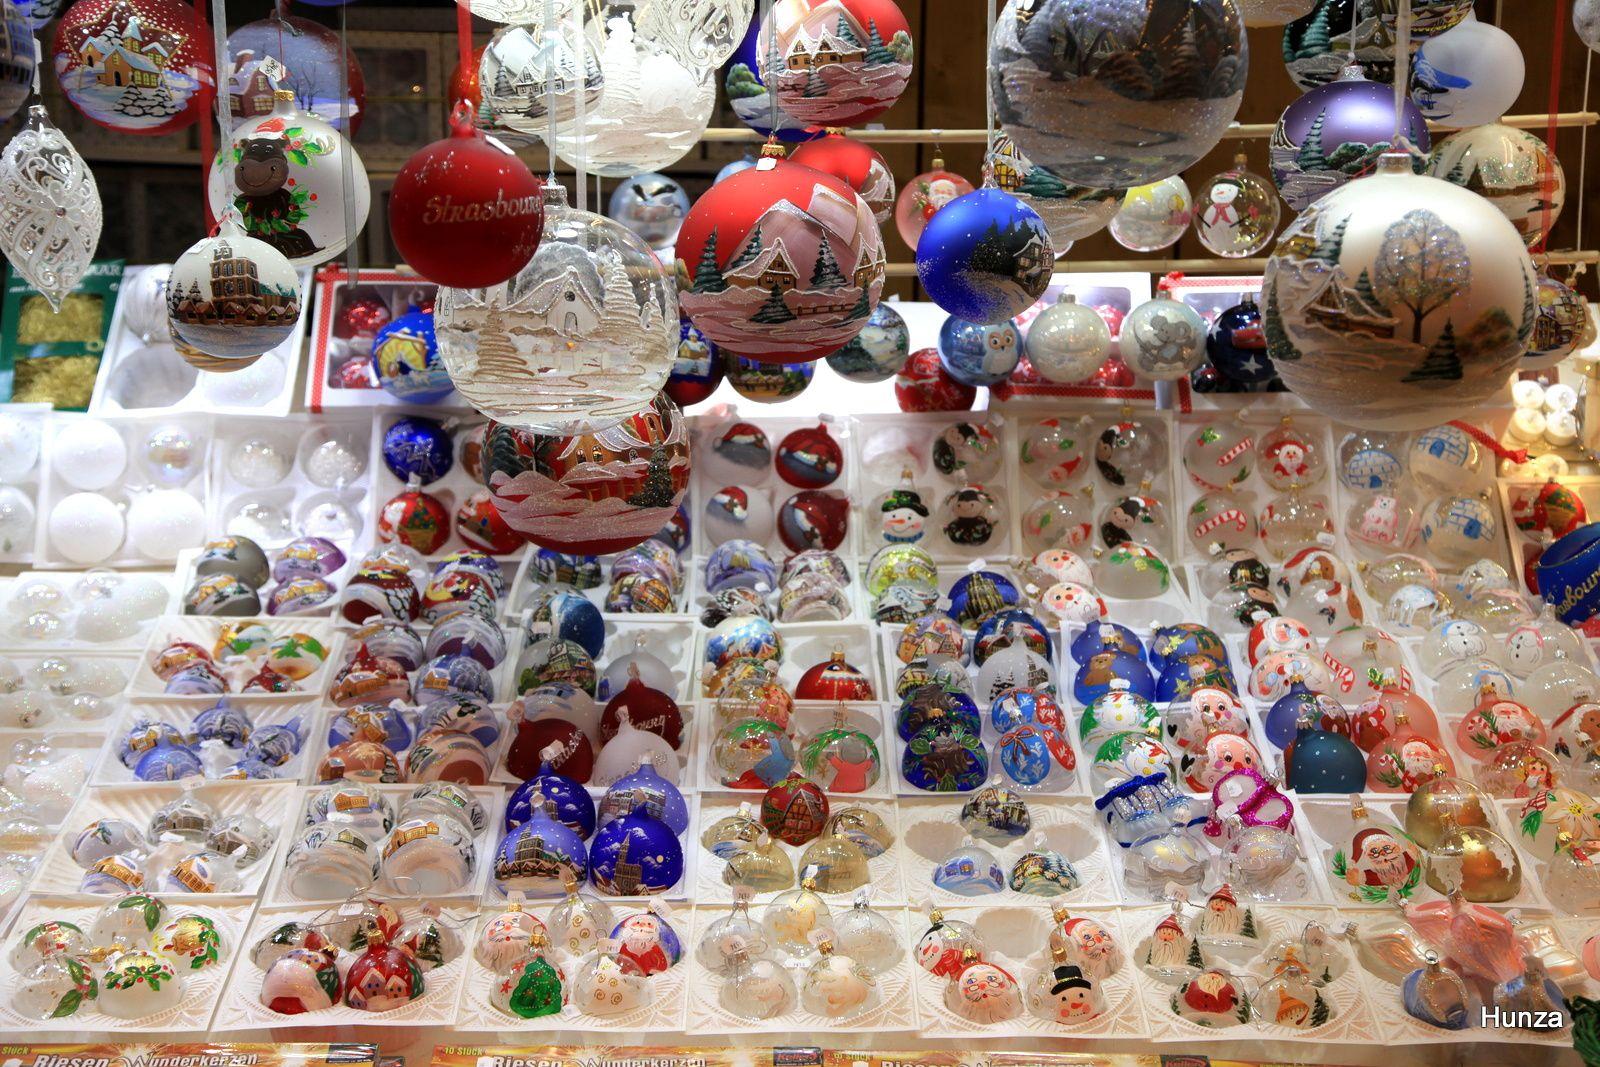 Marché de Noël : boules peintes sur la place 6 Montagnes Noires à Colmar